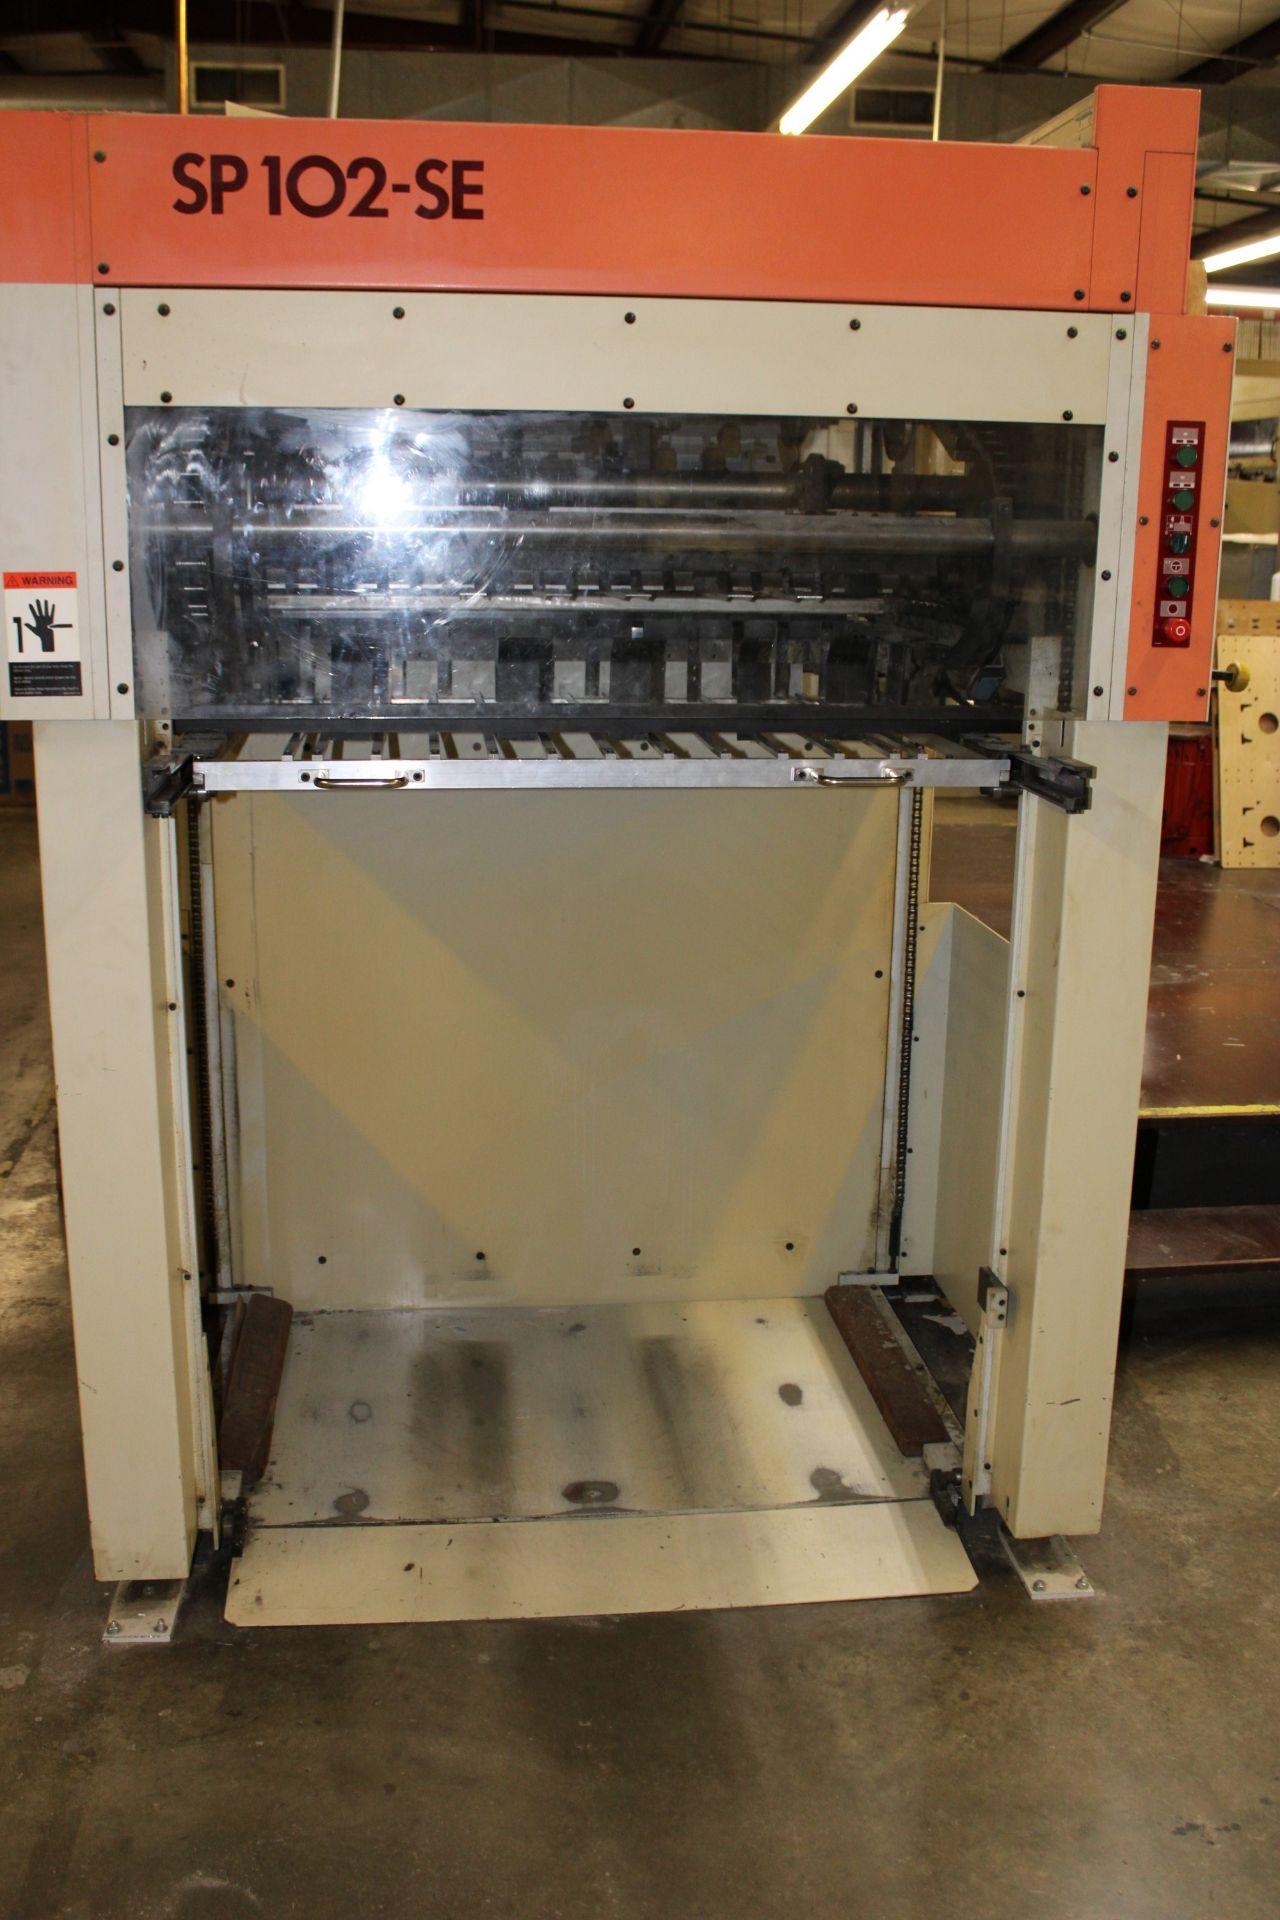 Lot 33 - BOBST Model SP102-SE Automatic Die Cutter Type Auto Platen Size 102 x 72 centimeter, Minimum 40 x 35